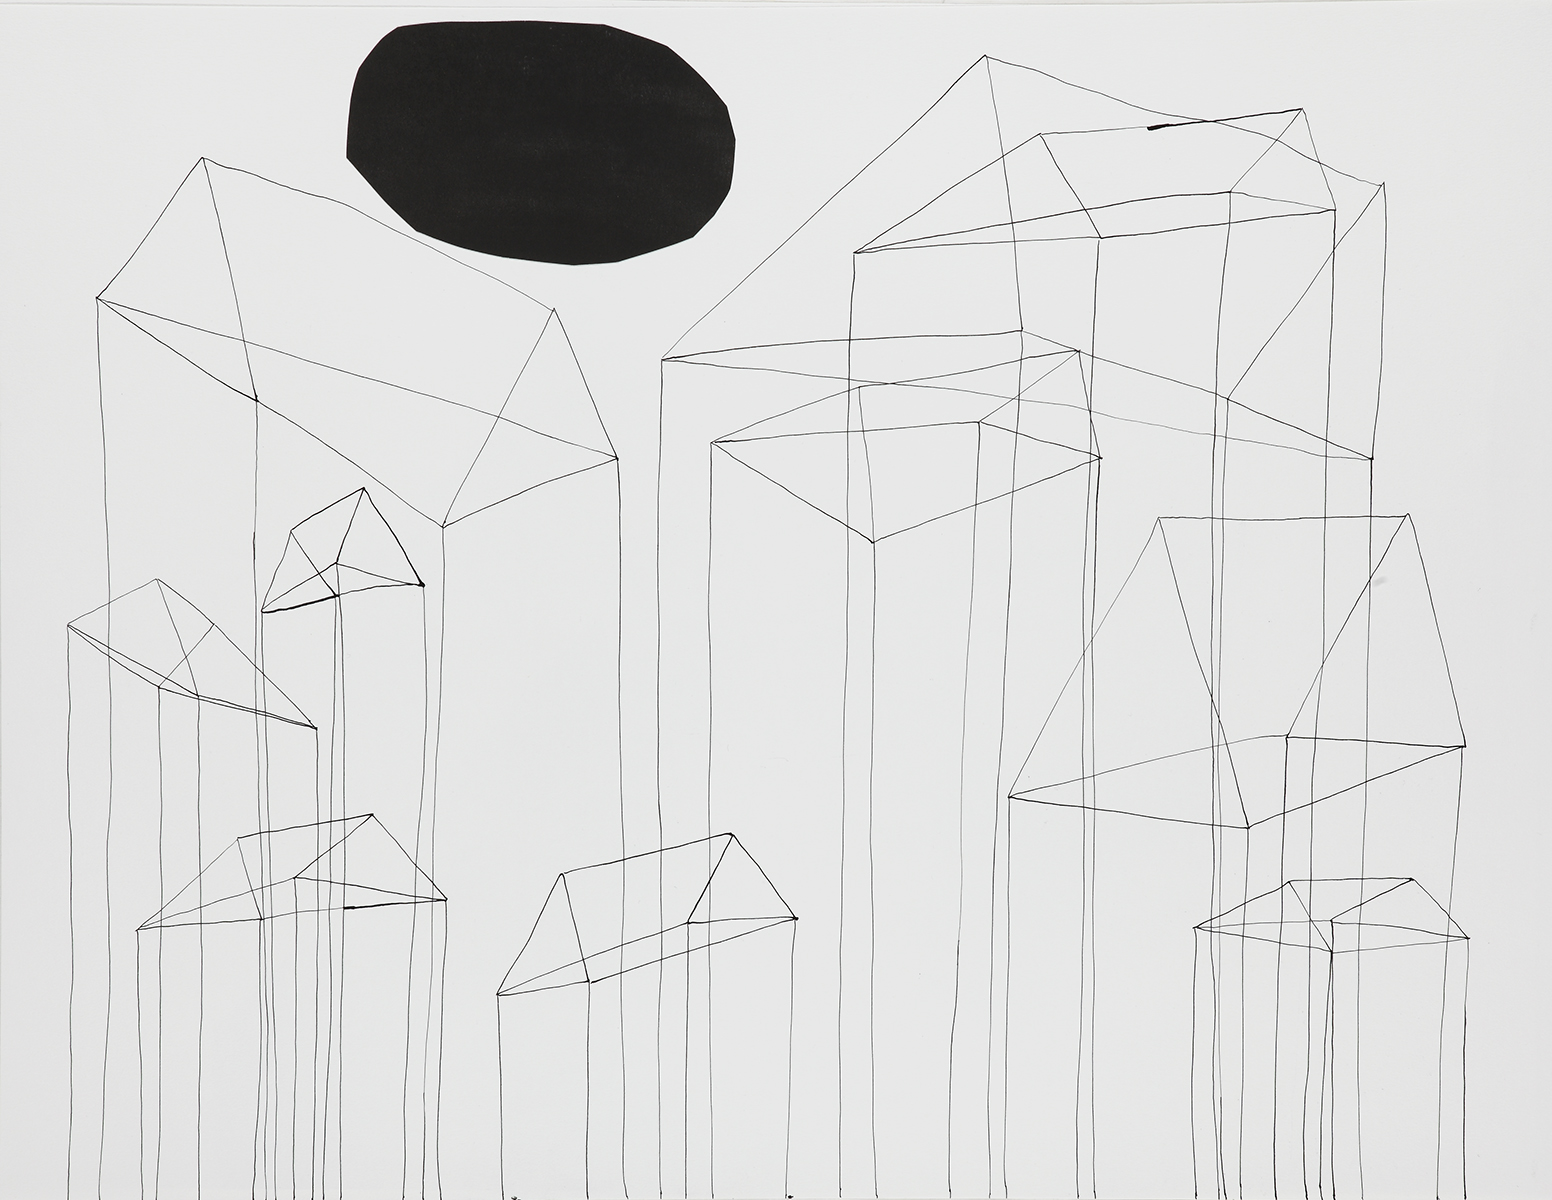 Huis 8 - Oost-Indische inkt & houtskool - 50 x 70 cm